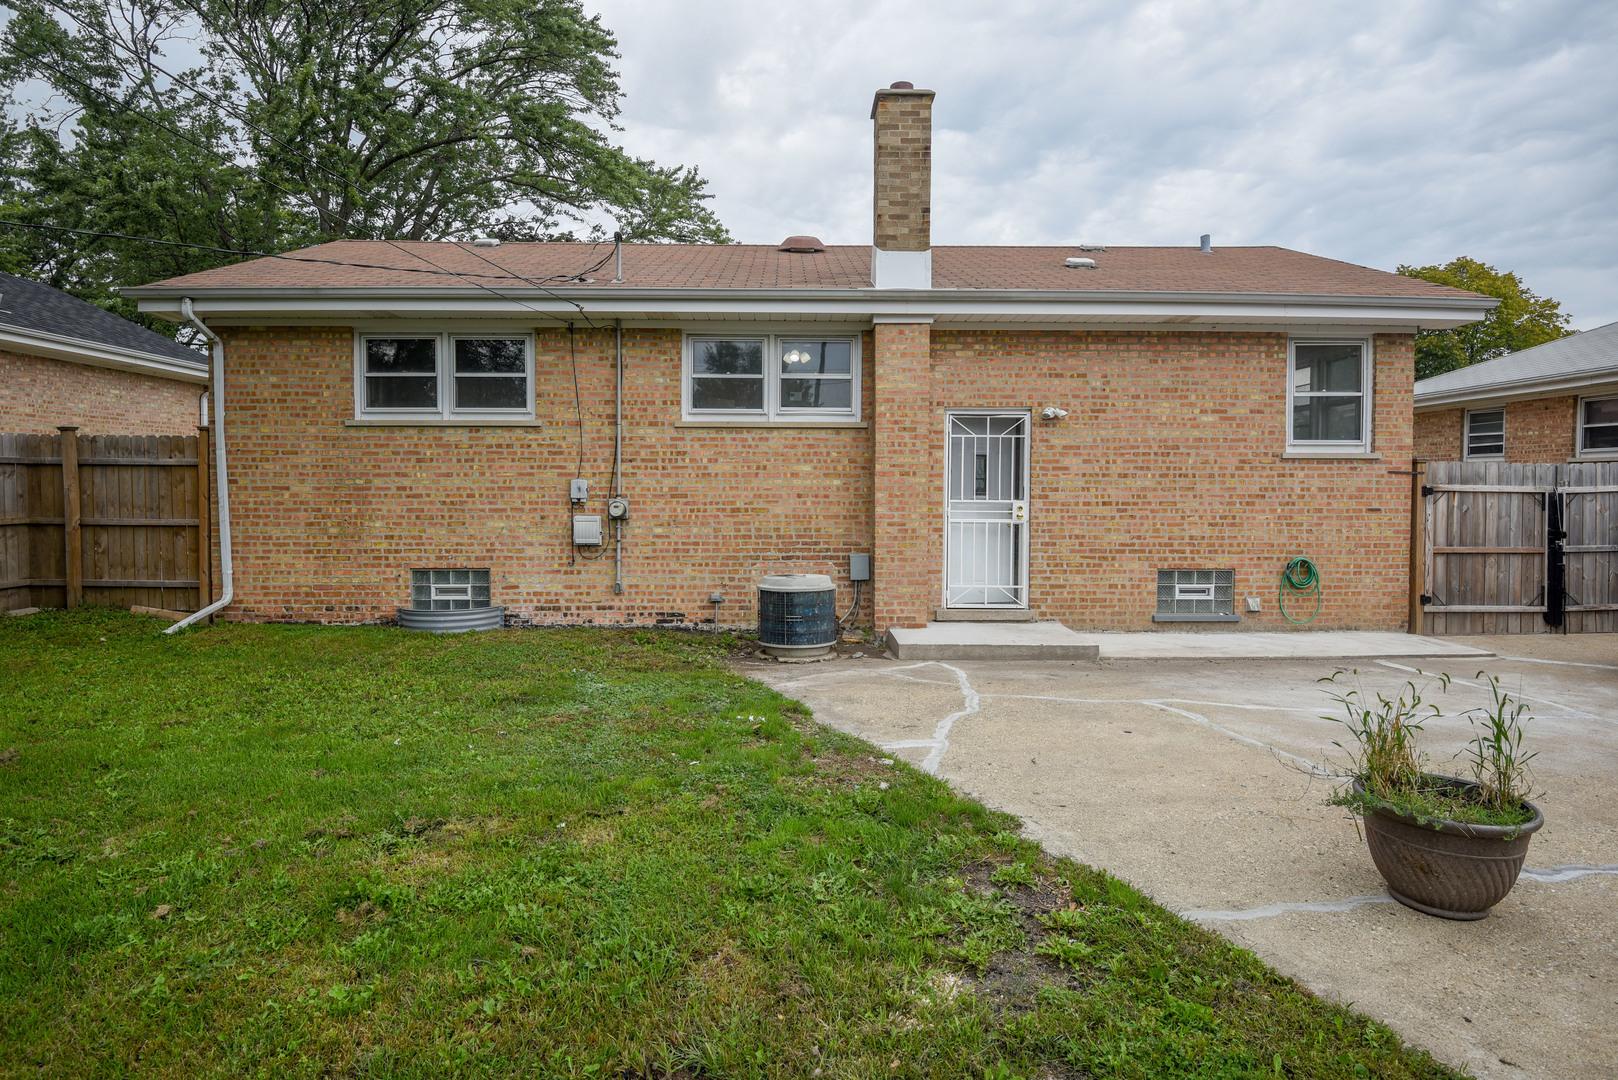 4928 Saint Paul, Hillside, Illinois, 60162